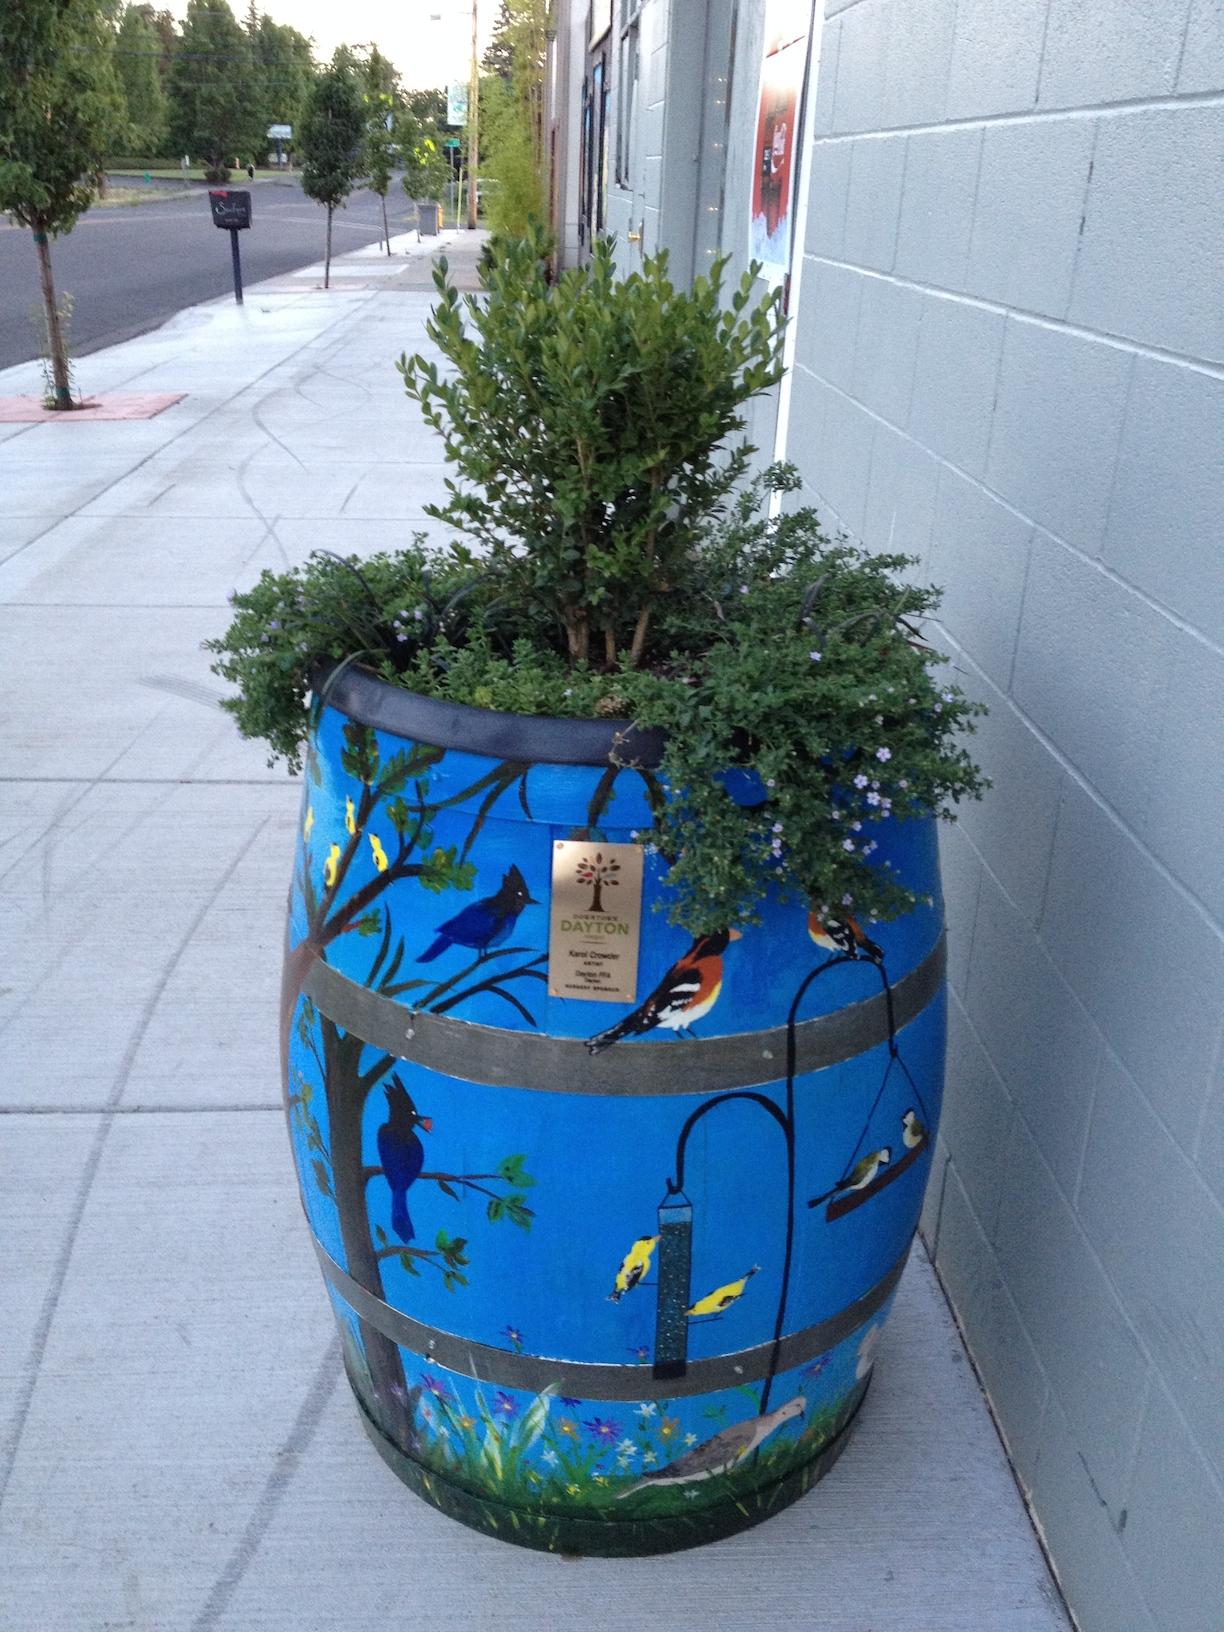 Mind New Wine Barrel Planters Downtown Wine Barrel Planters Oakland Wine Barrel Planter Near Me houzz-03 Wine Barrel Planter